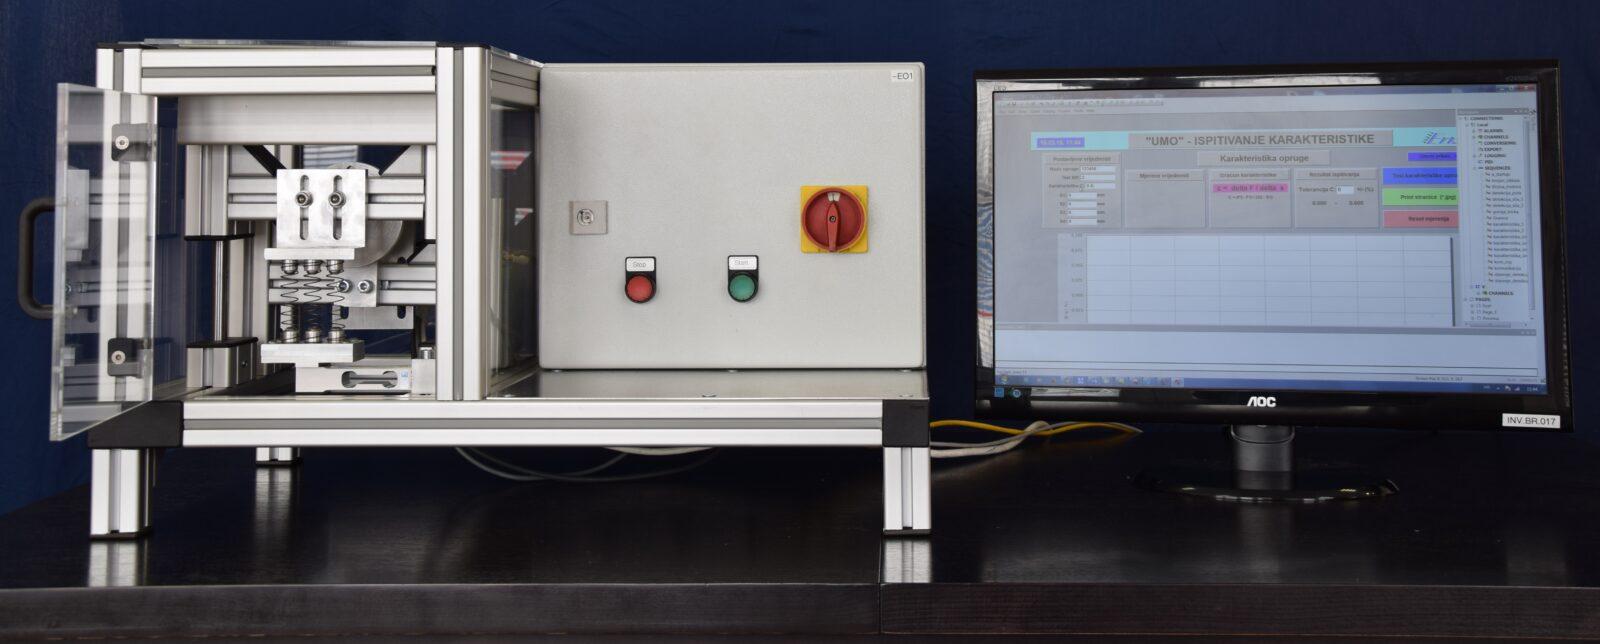 Foto: Enso d.o.o. - UMO - Uređaj za dinamičko mjerenje sile